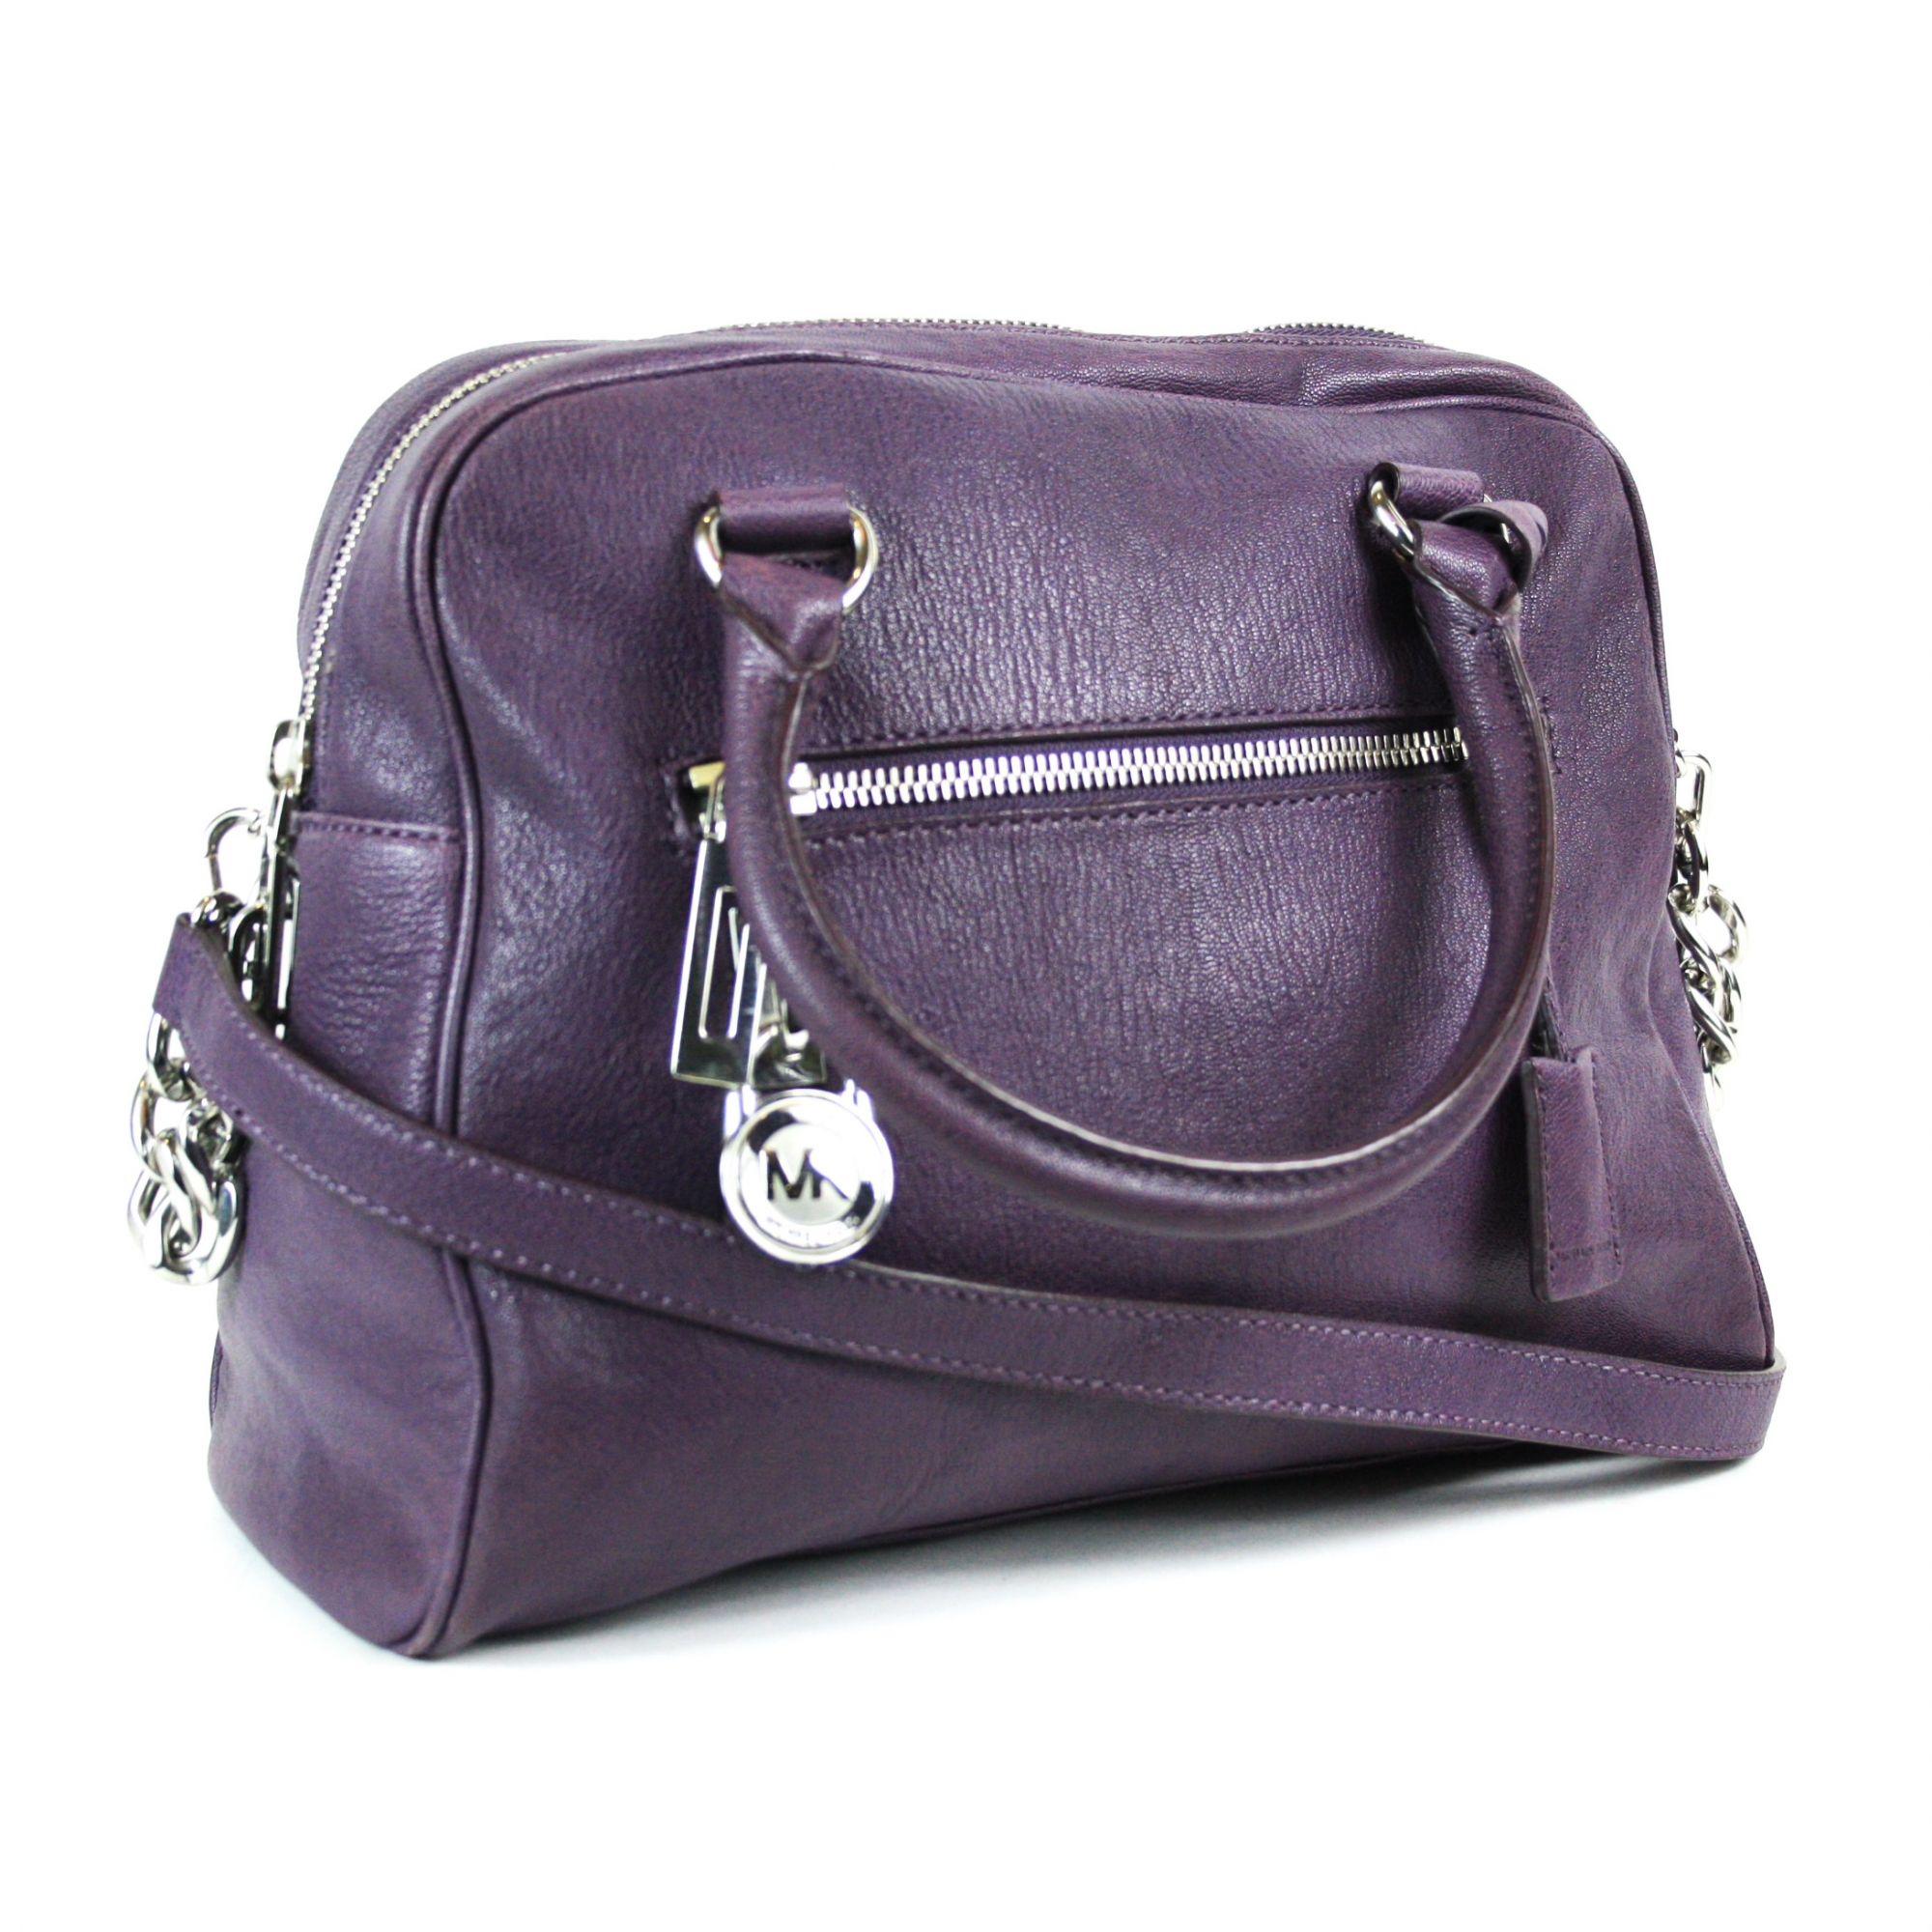 Leather  Top Handle Shoulder Bag